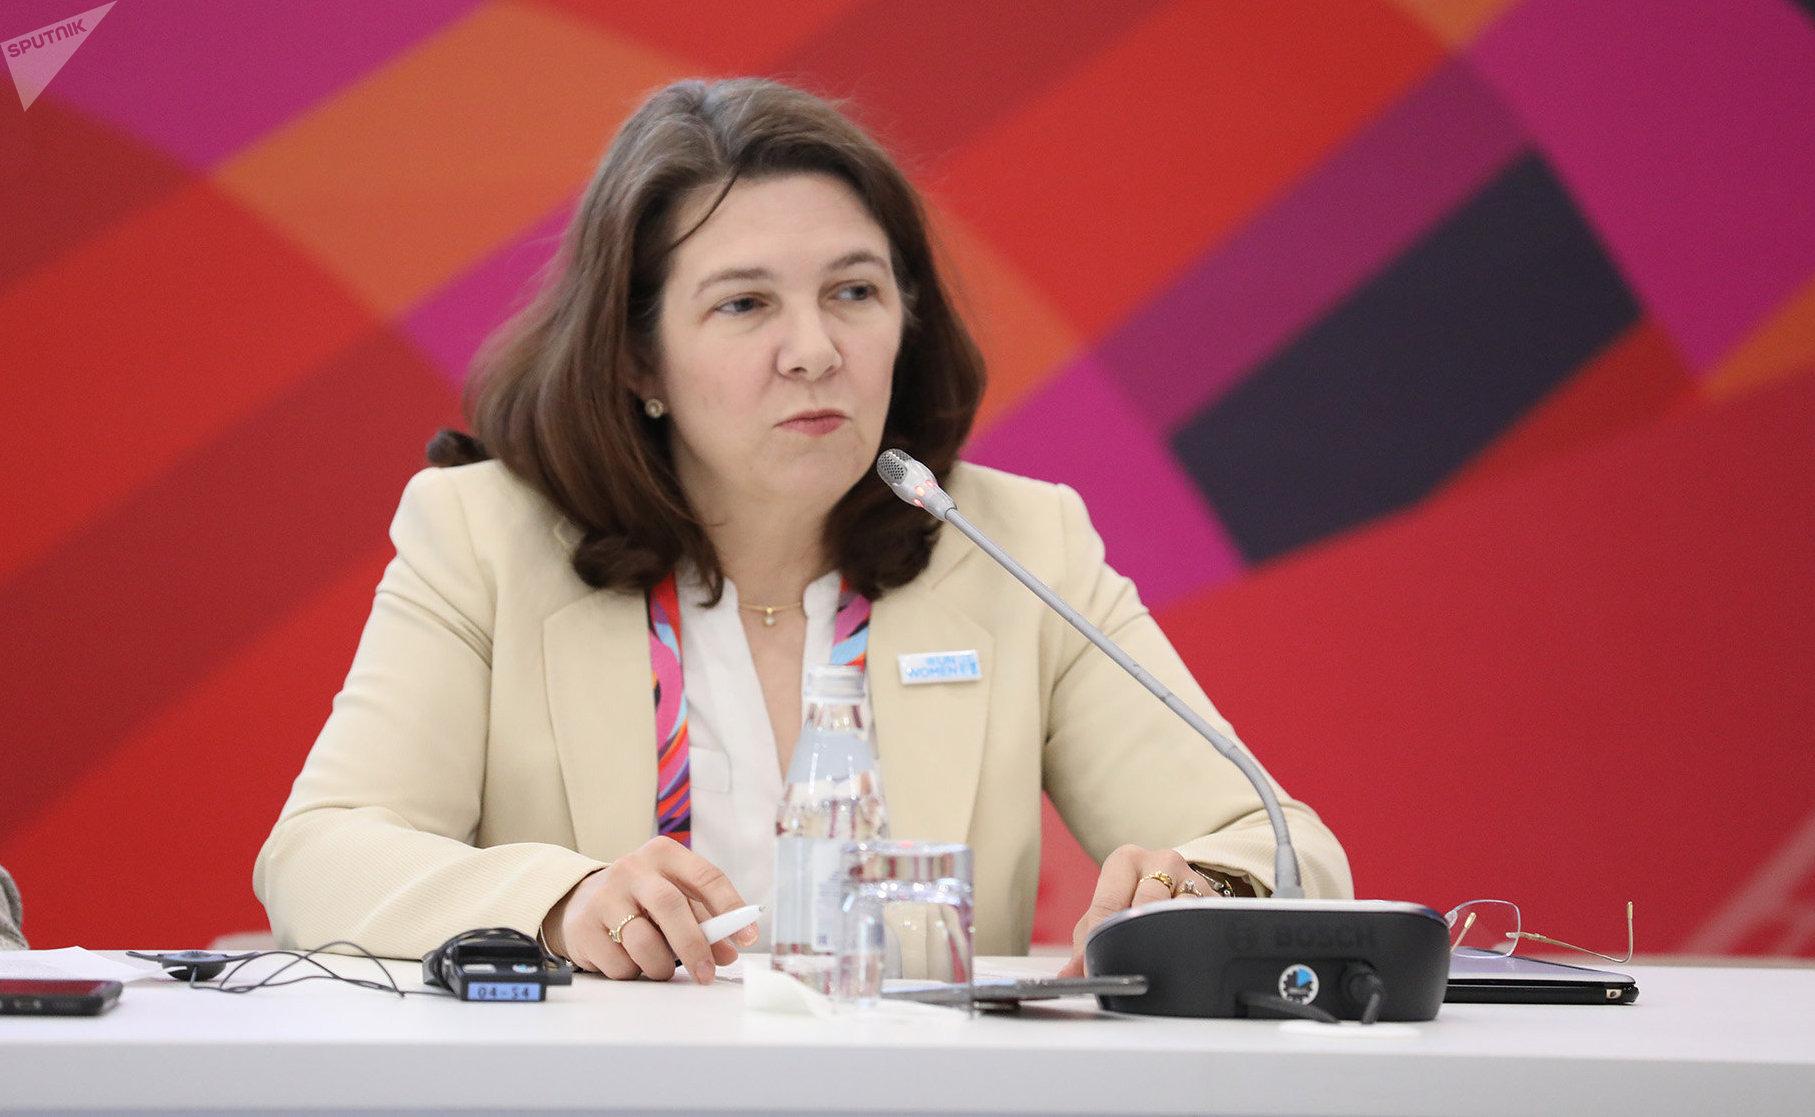 Представитель ООН-женщины Илейн Конкиевич